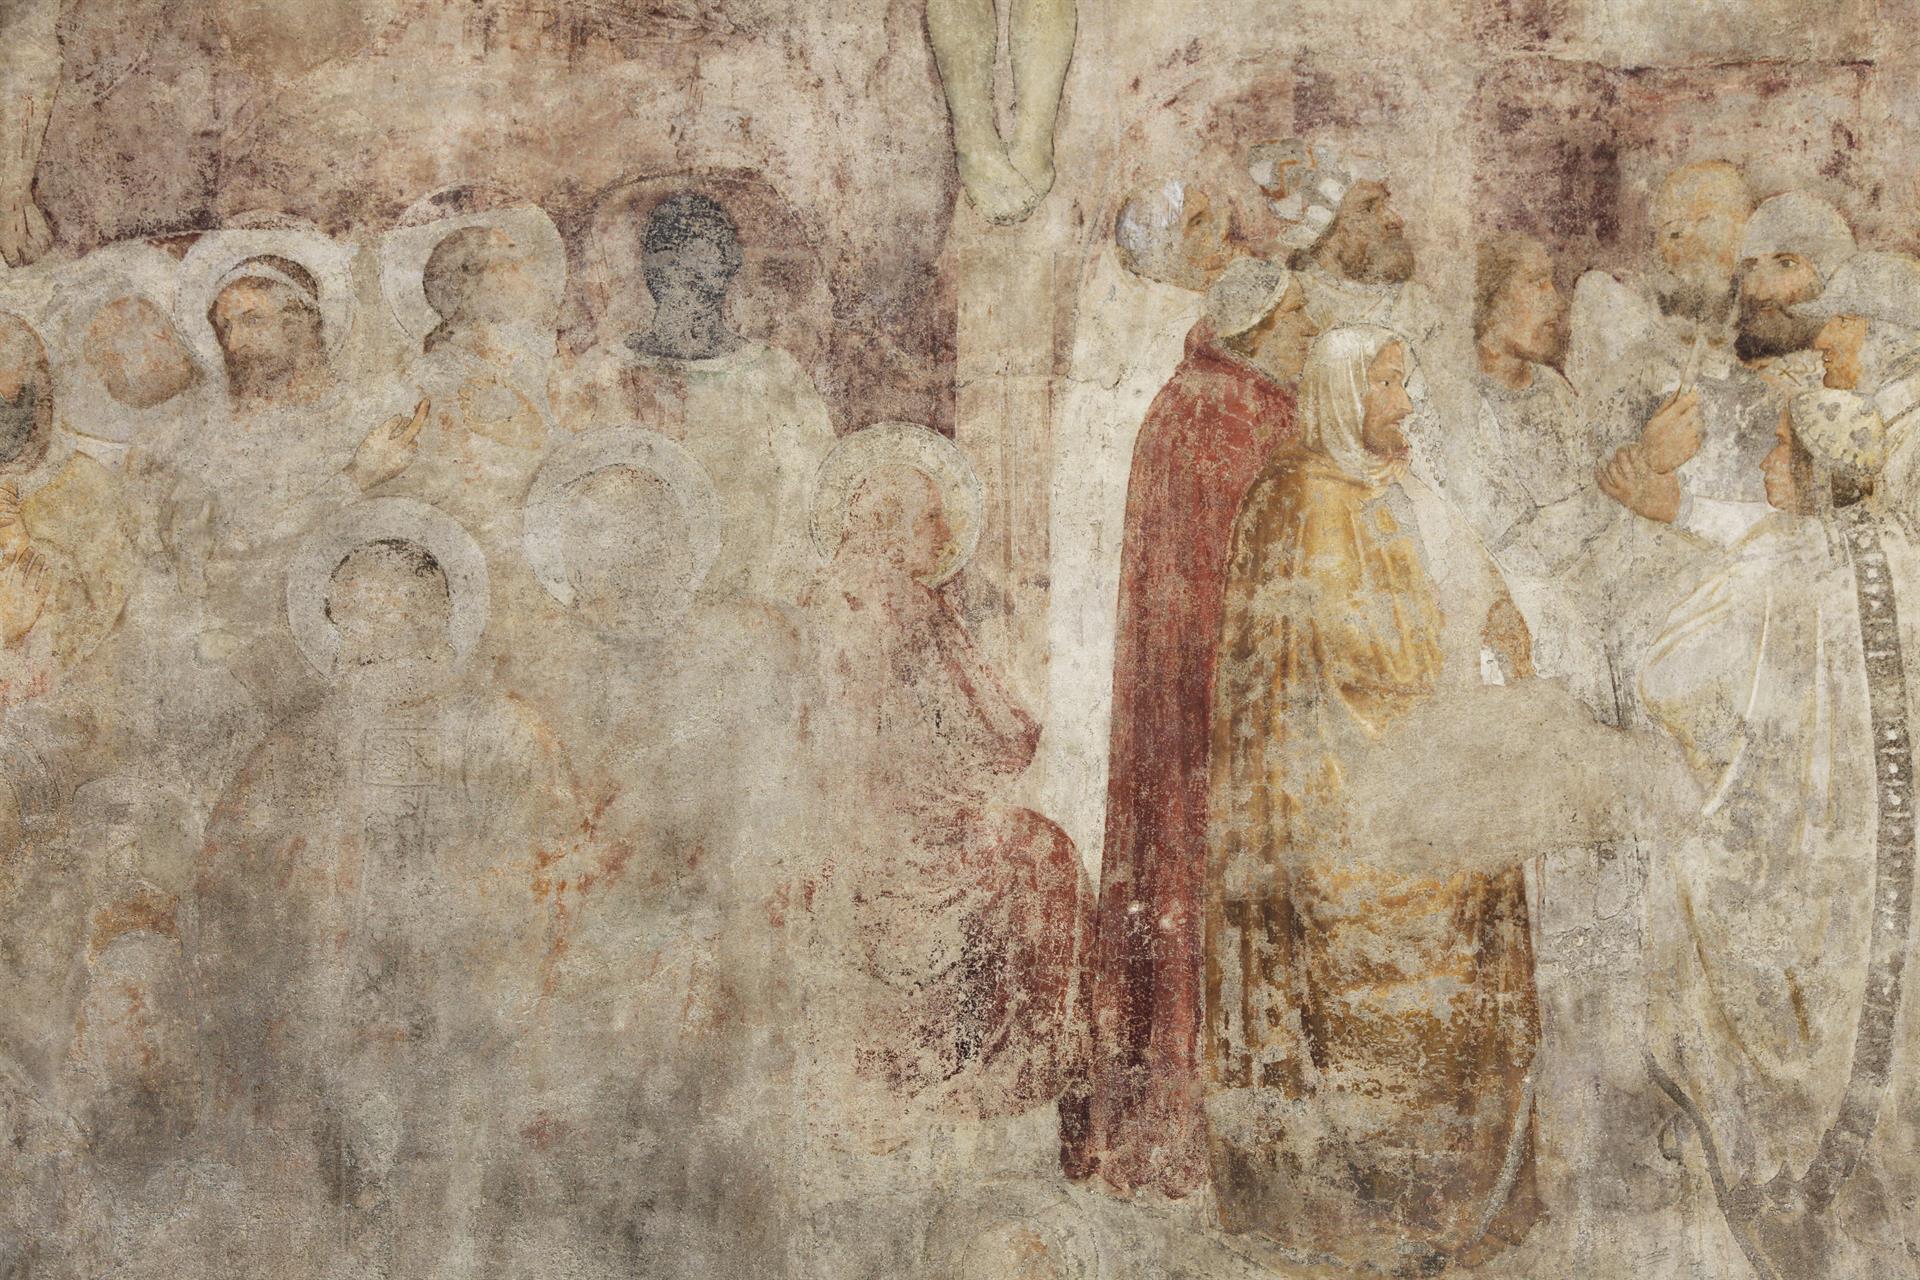 Copyright MASSIMO ZINGARDI La Crocifissione Affresco Di Scuola Giottesca